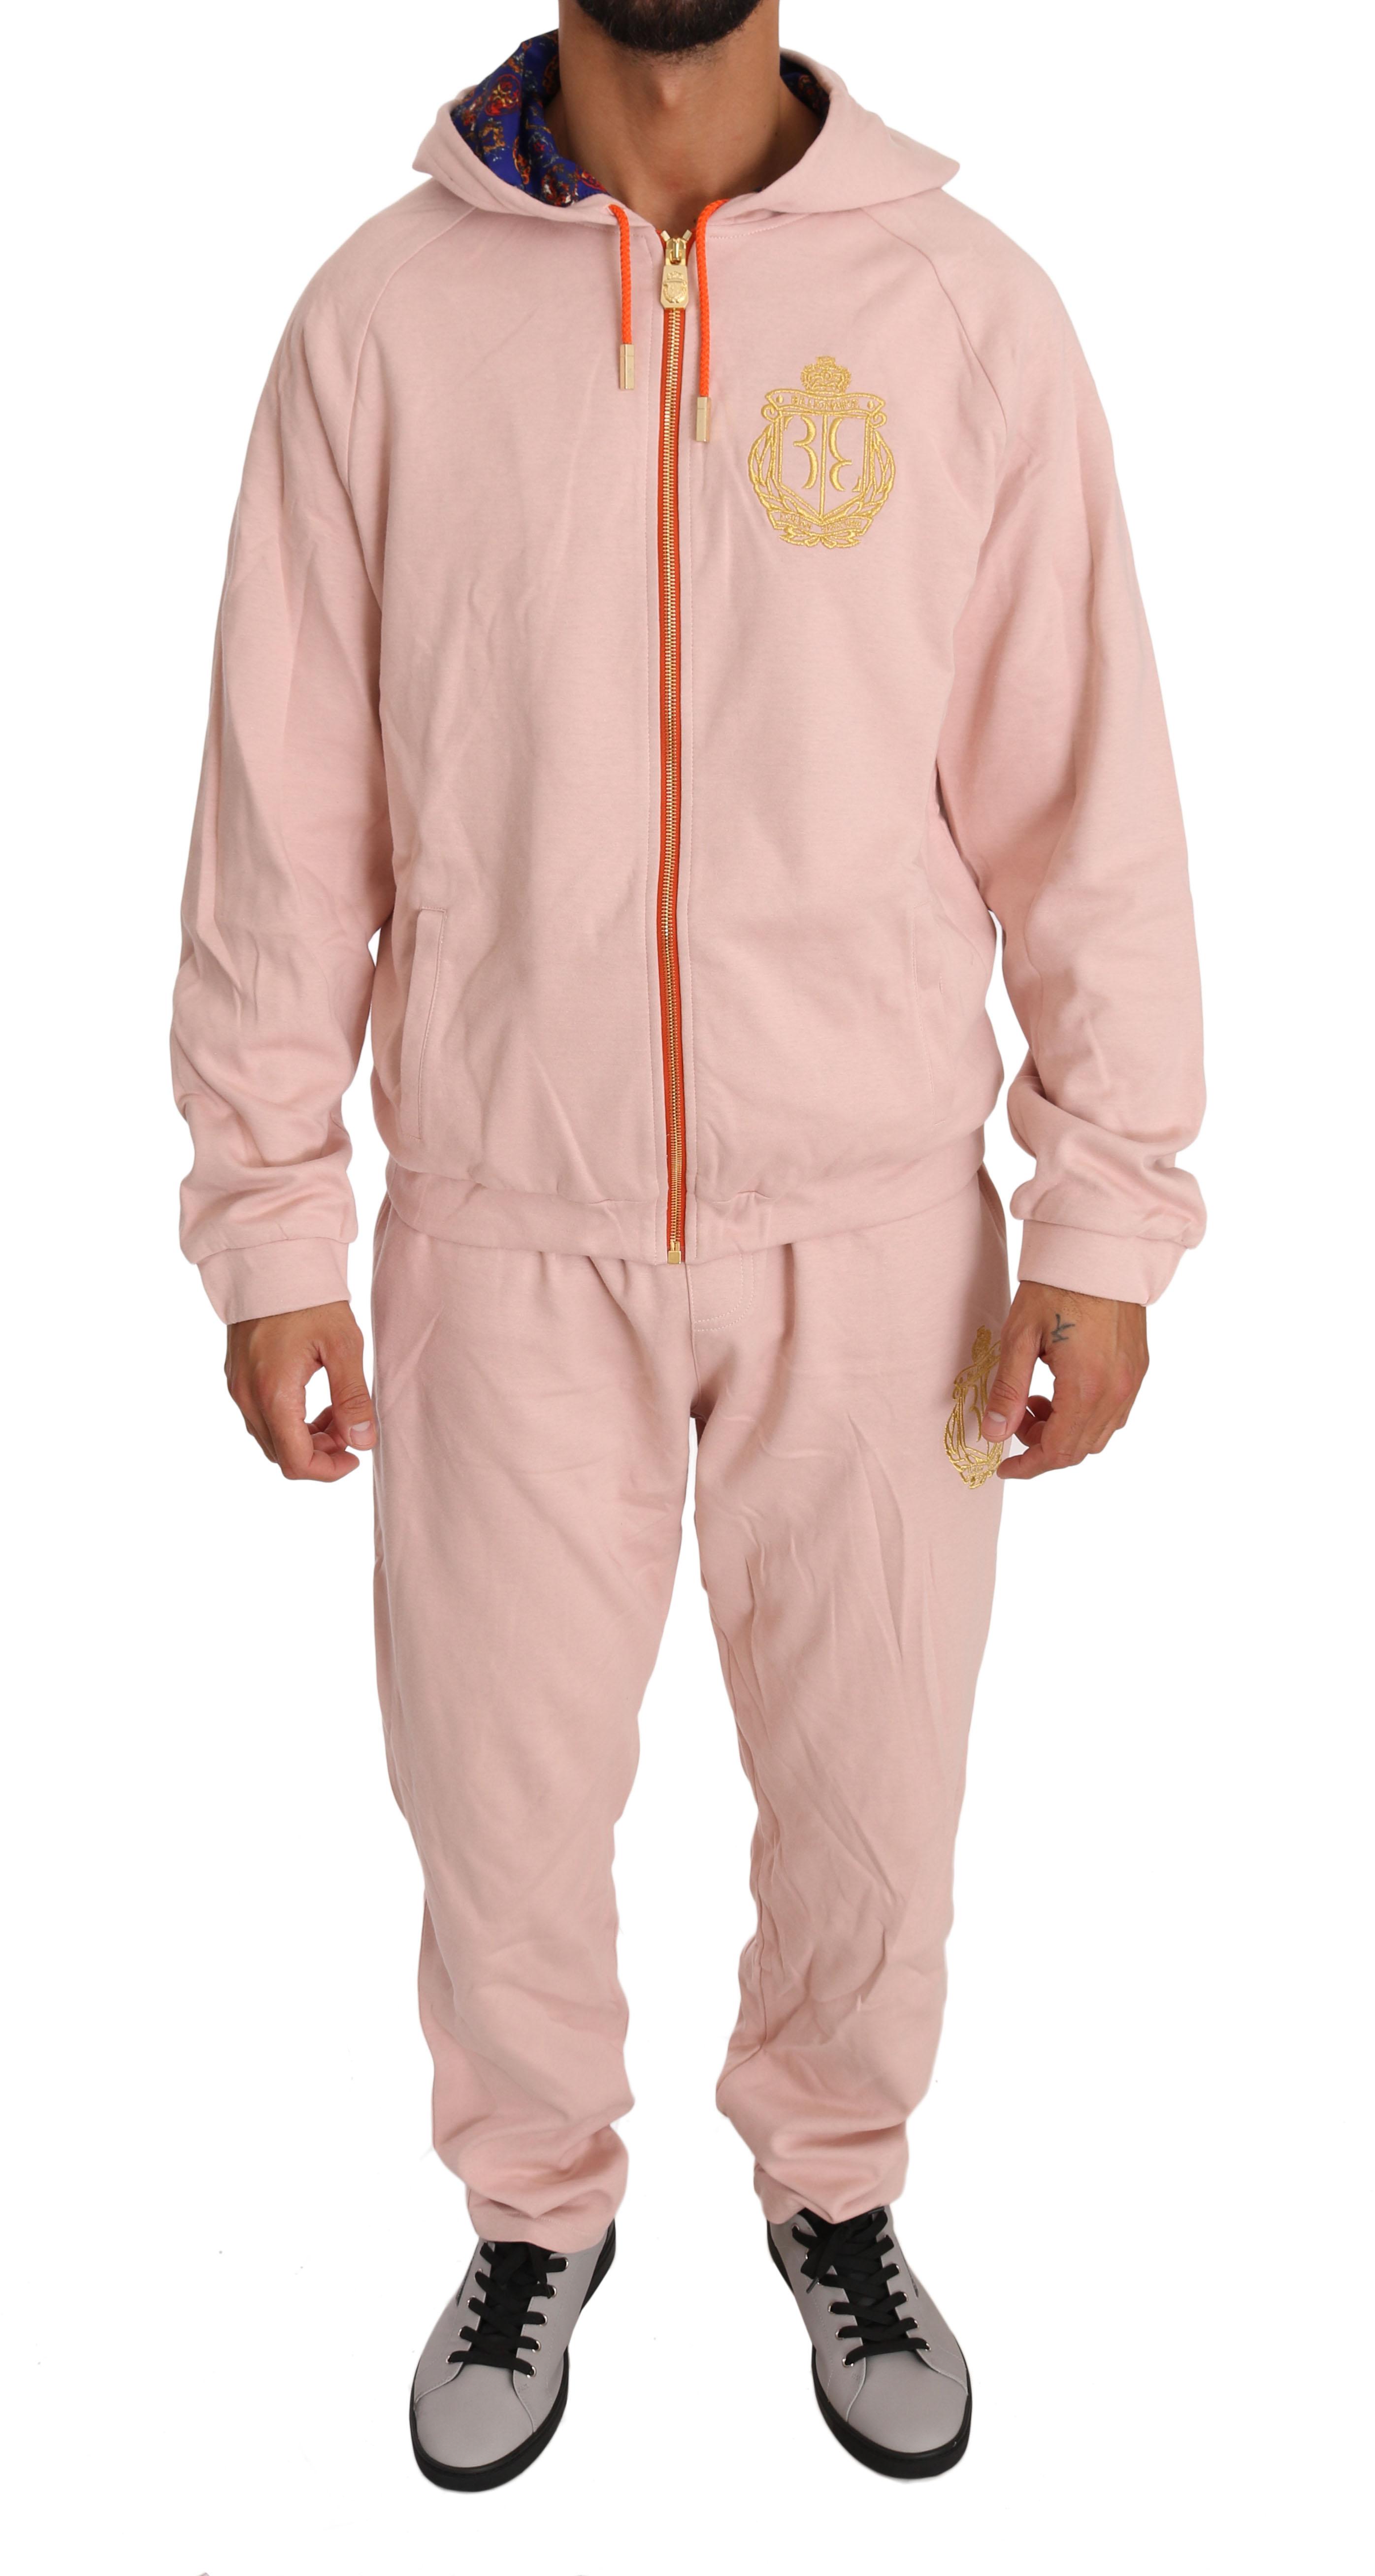 Billionaire Italian Couture Men's Tracksuit Pink BIL1002 - L